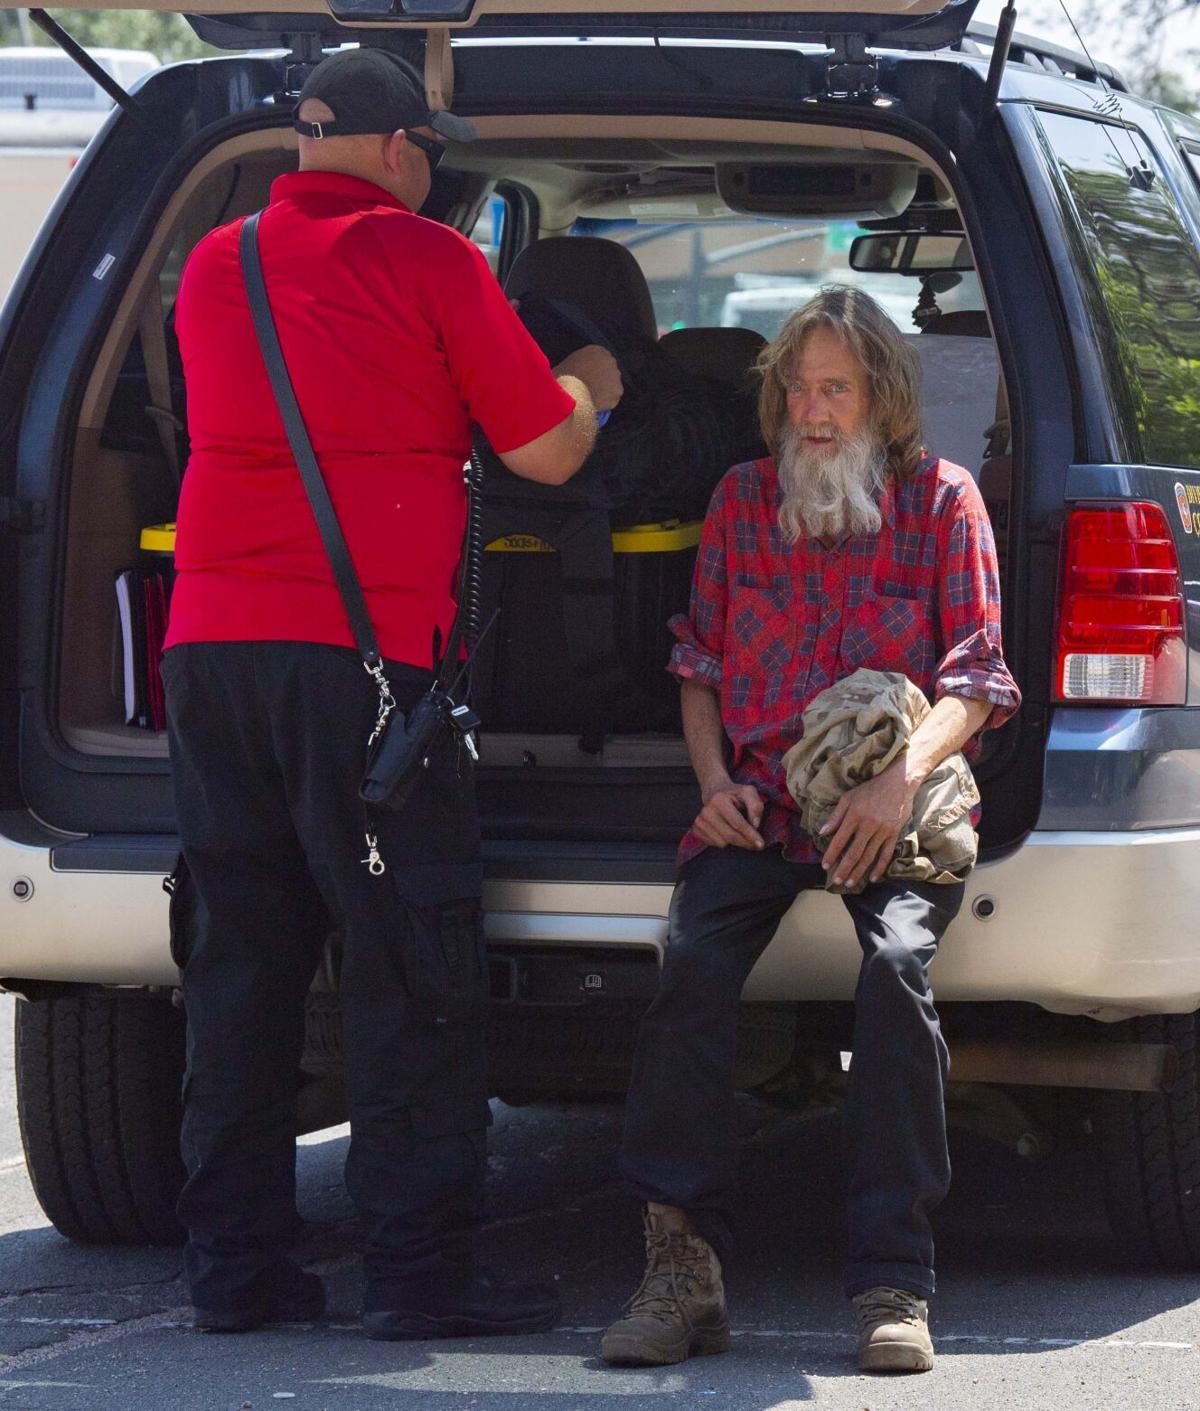 080221-news-homeless 2.jpg